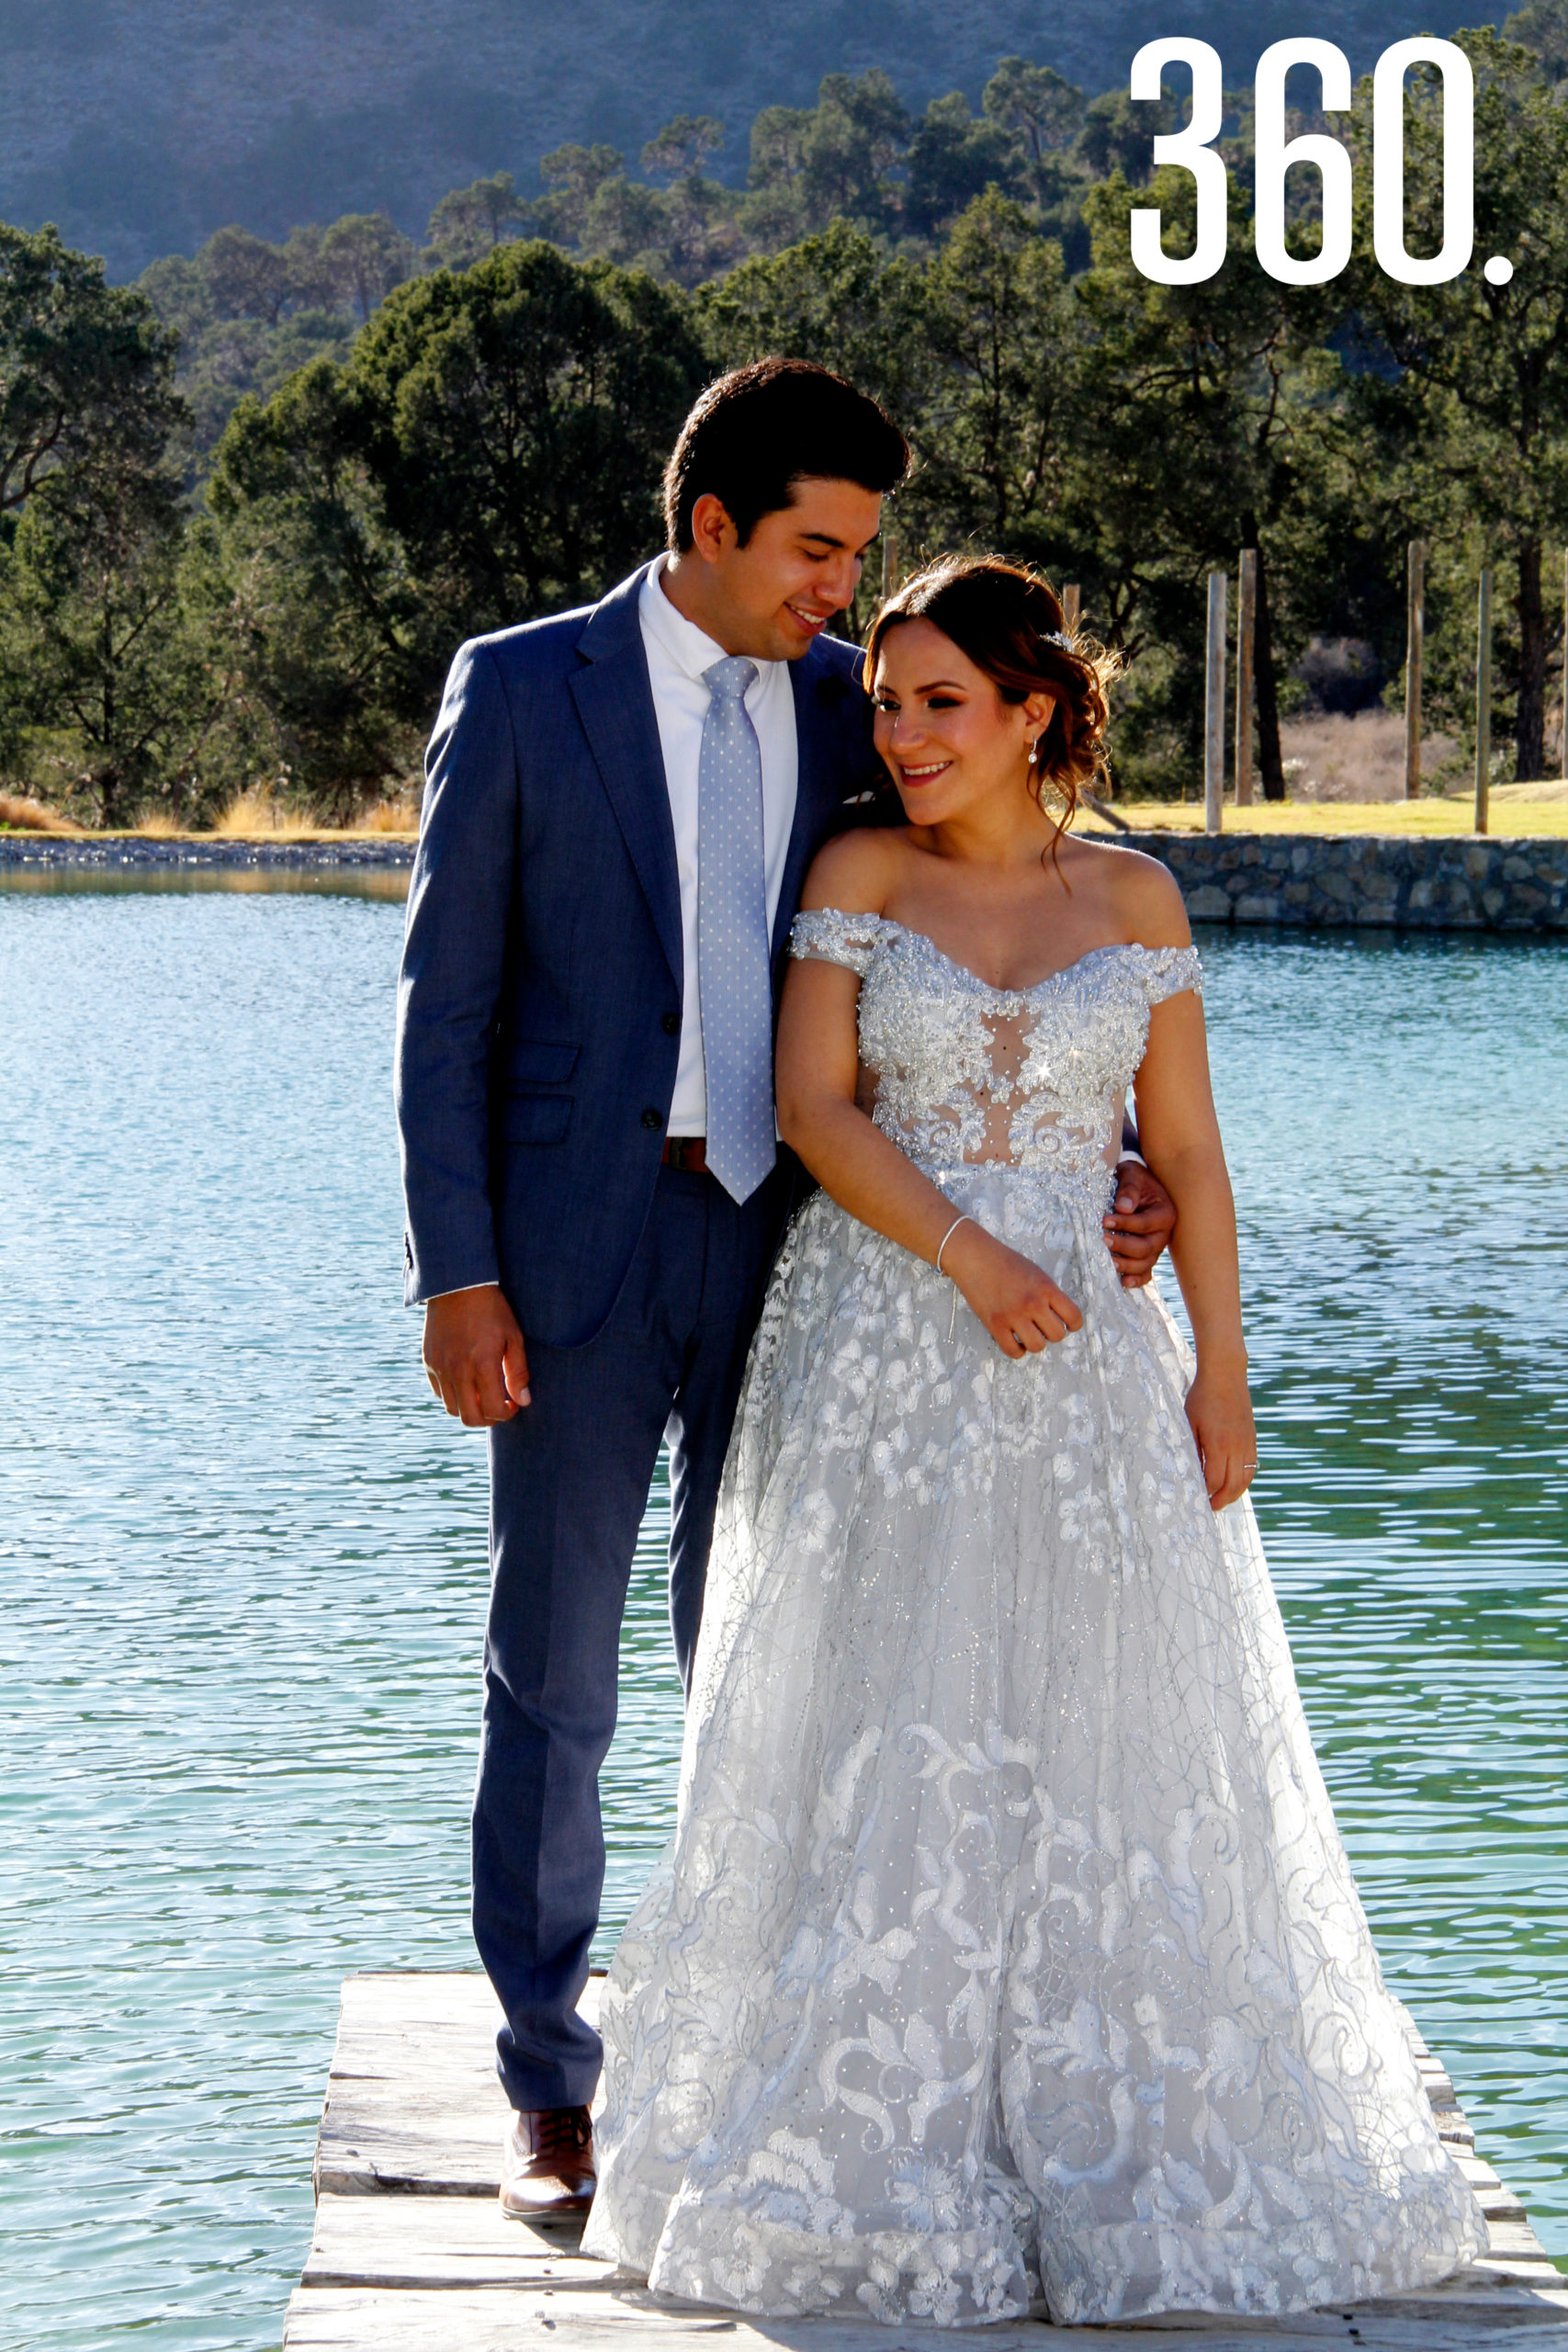 Alexis Martínez Rodríguez y Fernanda Mendizábal Delgadillo unieron sus vidas en una ceremonia civil en Terra Serena.